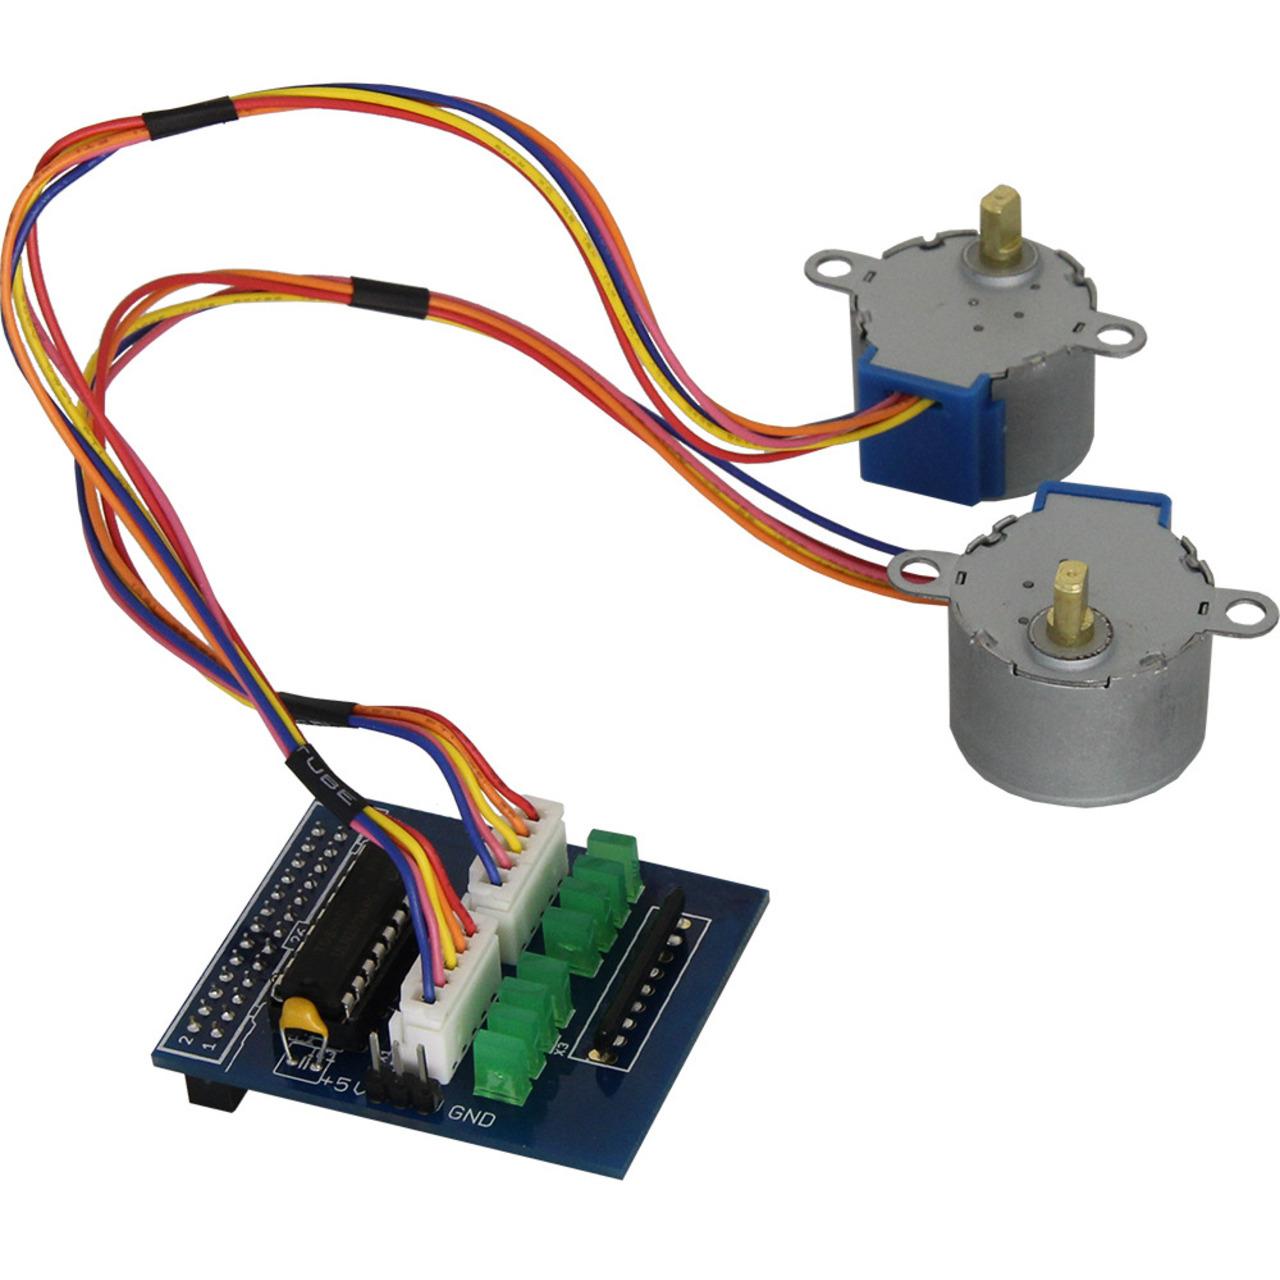 Amerry Motorsteuerung für Raspberry Pi inkl- 2 Schrittmotoren